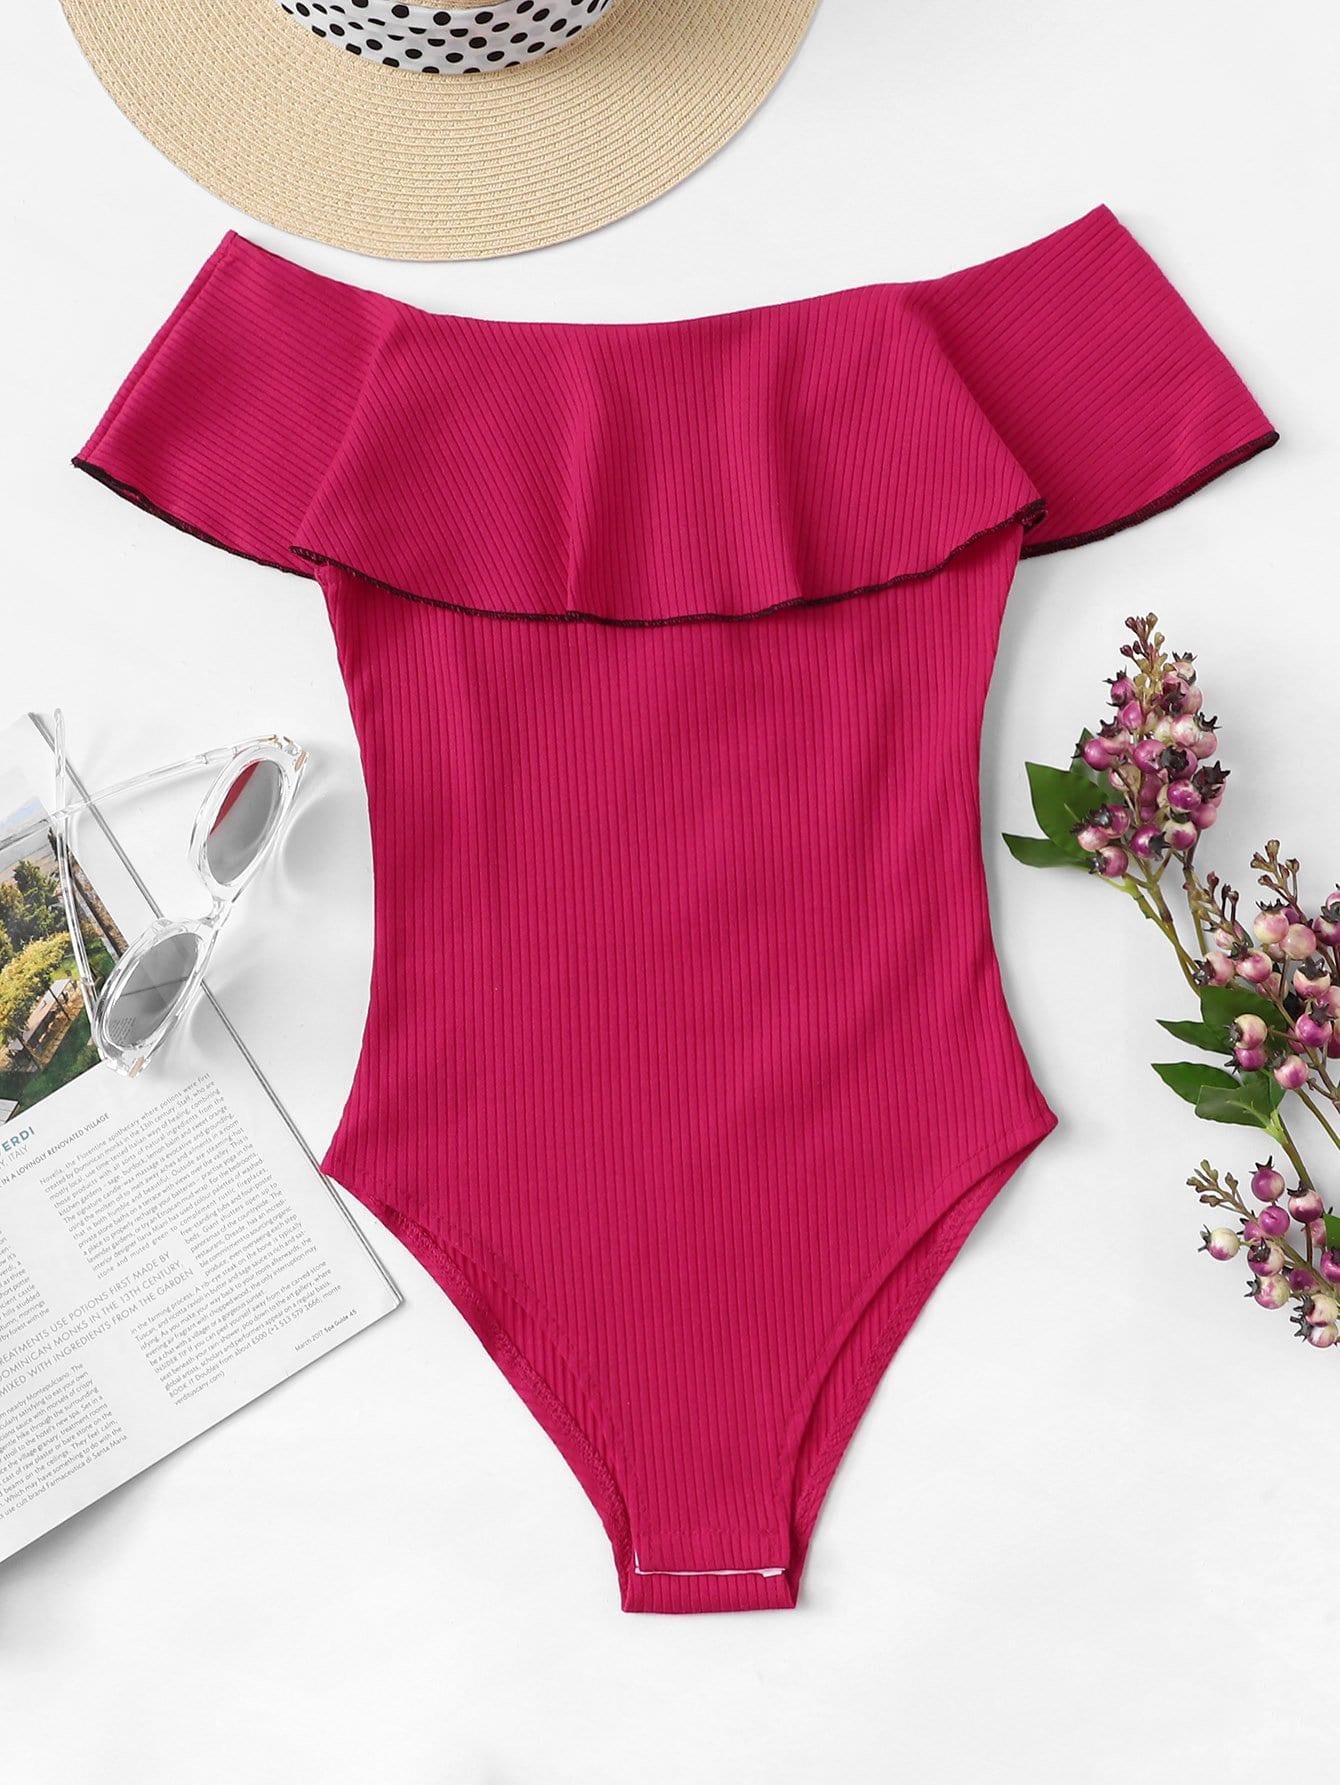 Contrast Binding Ruffle Embellished Bodysuit contrast halter and binding layered ruffle bodice jumpsuit